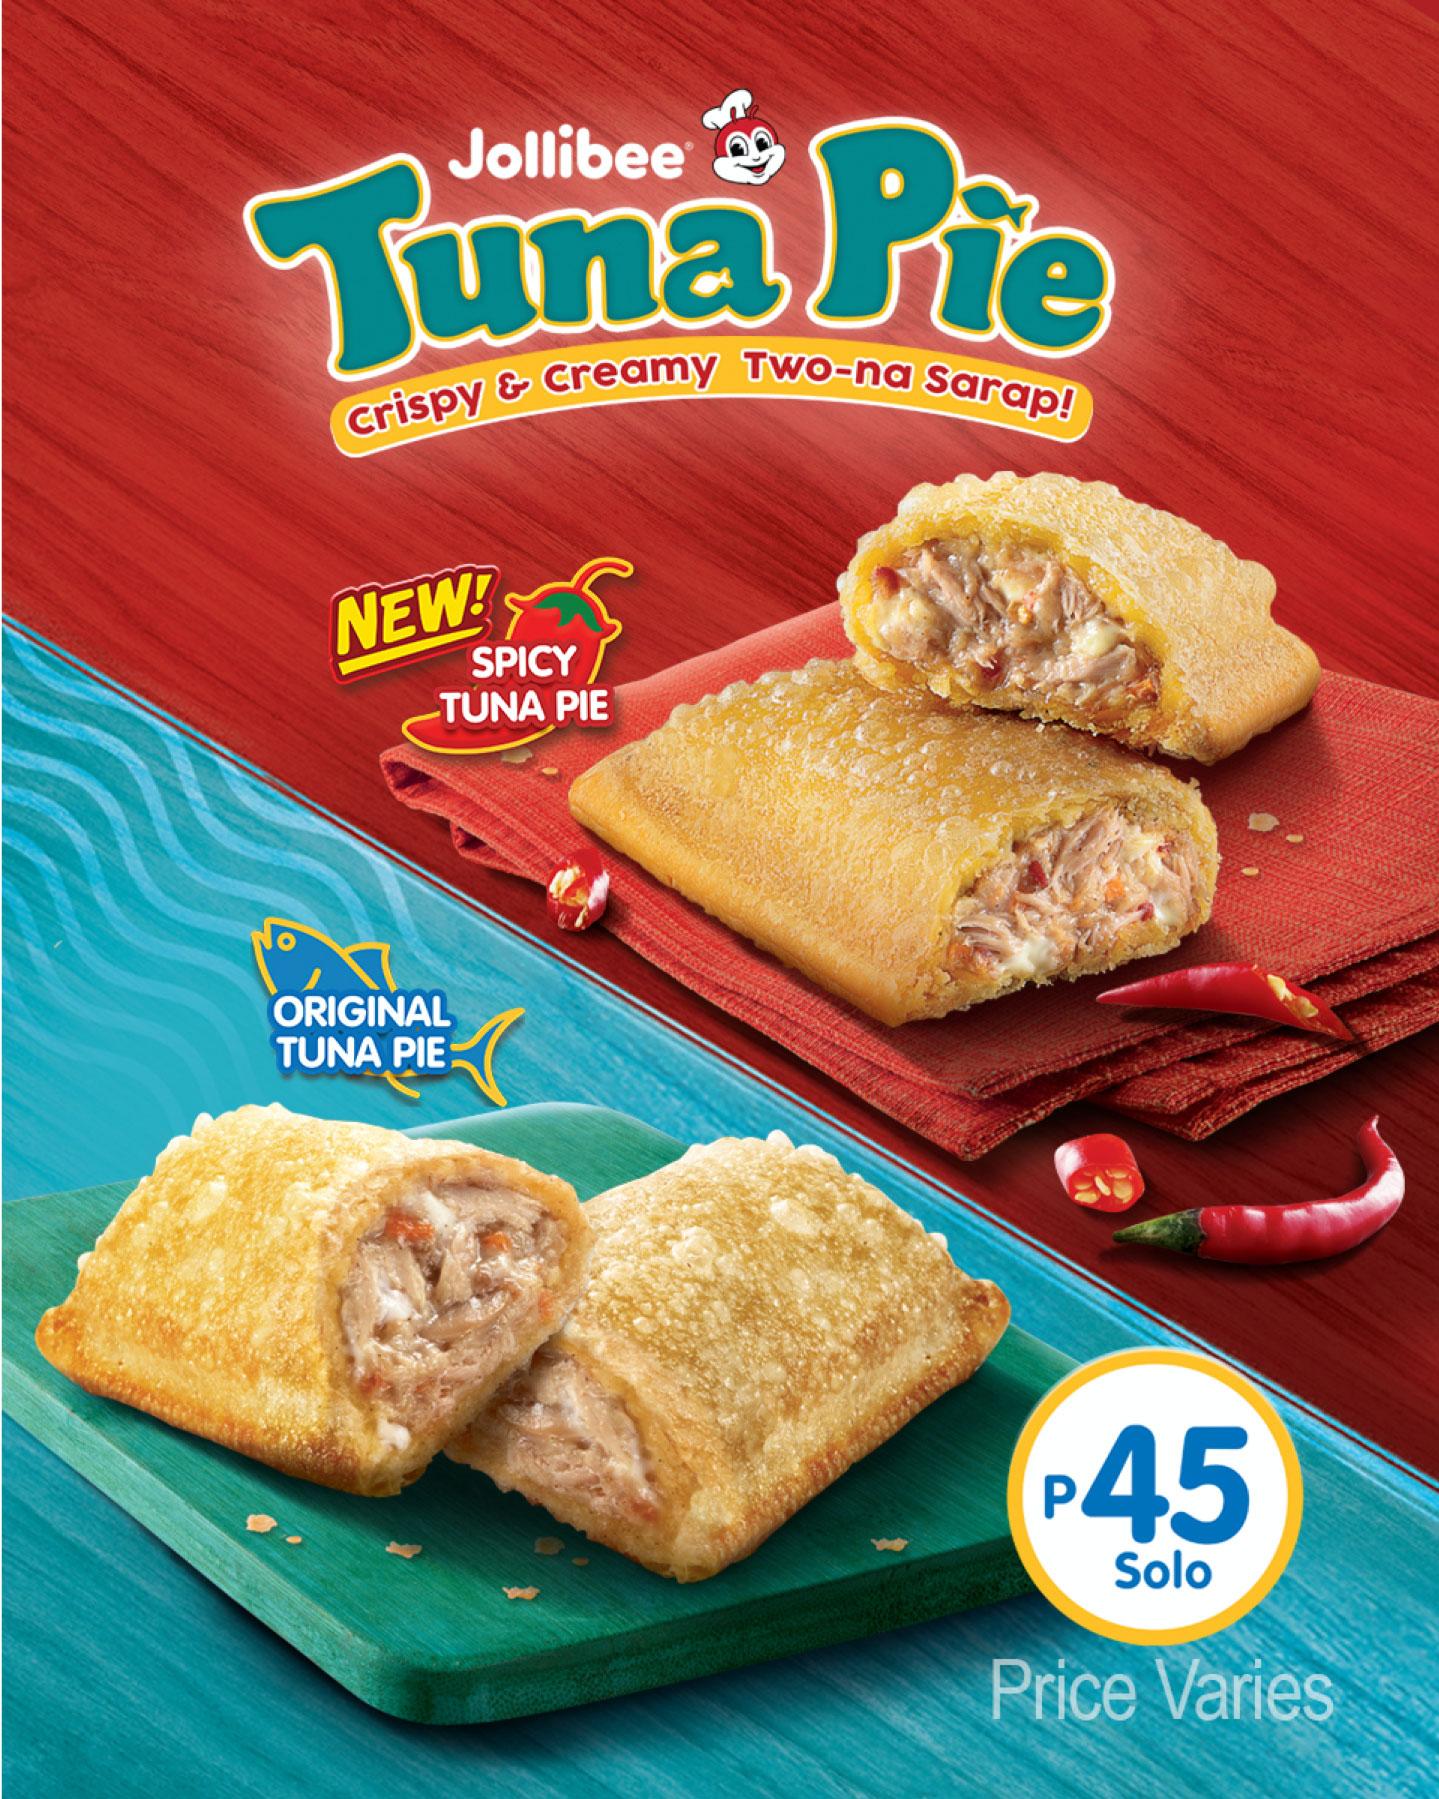 Jollibee Now has Original Tuna Pie and the new Spicy Tuna Pie!